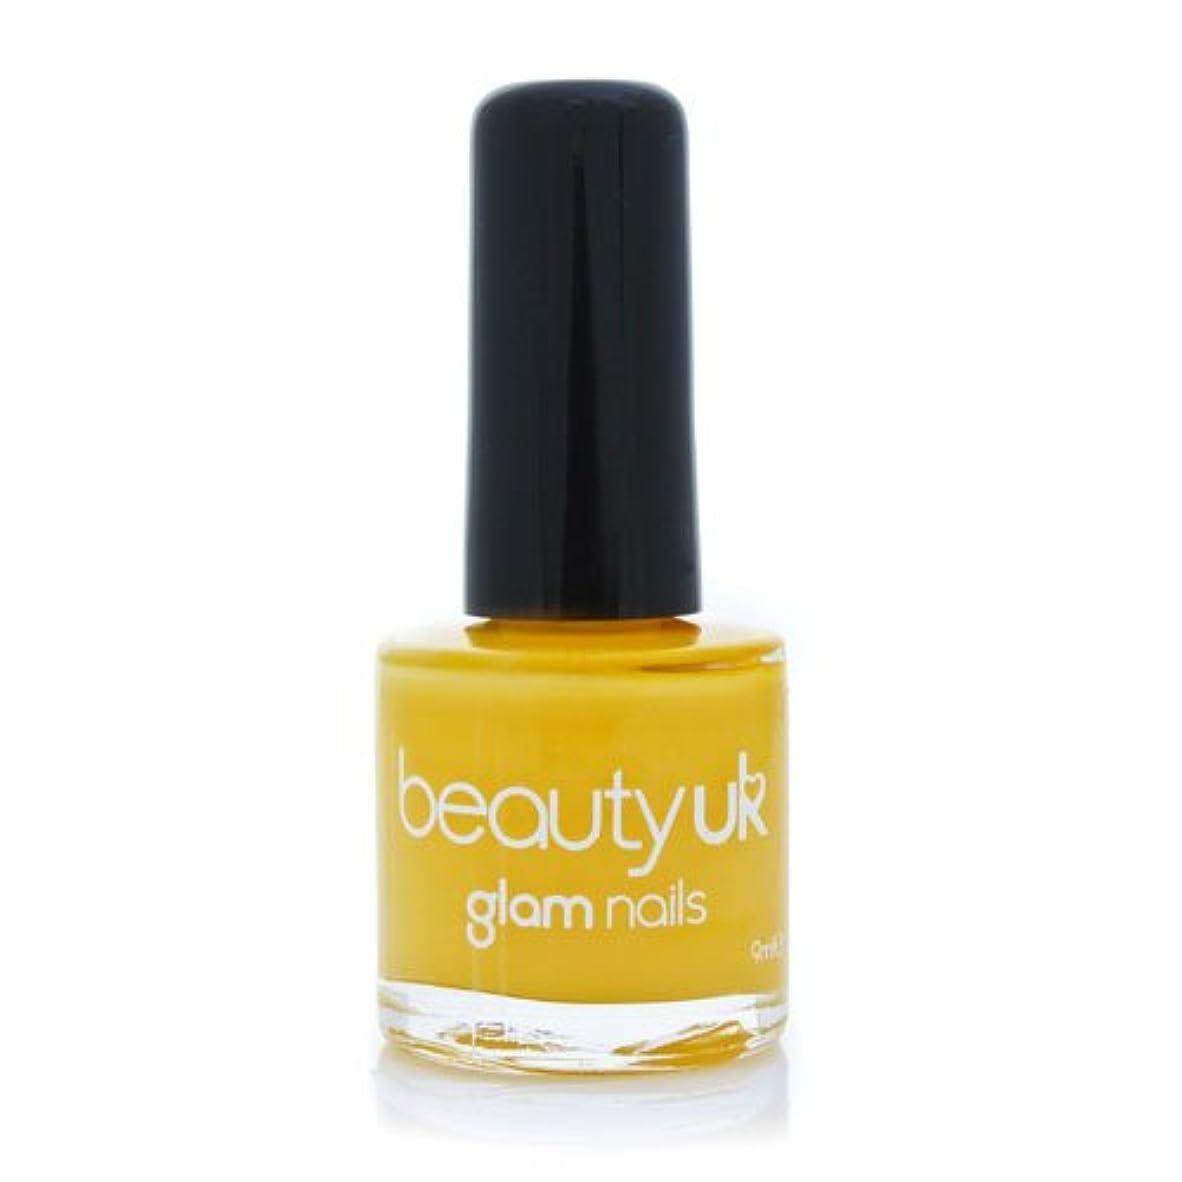 サーバスイス人満たすBeauty Uk Glam Nails No36 Yellow Peril 9ml [並行輸入品]